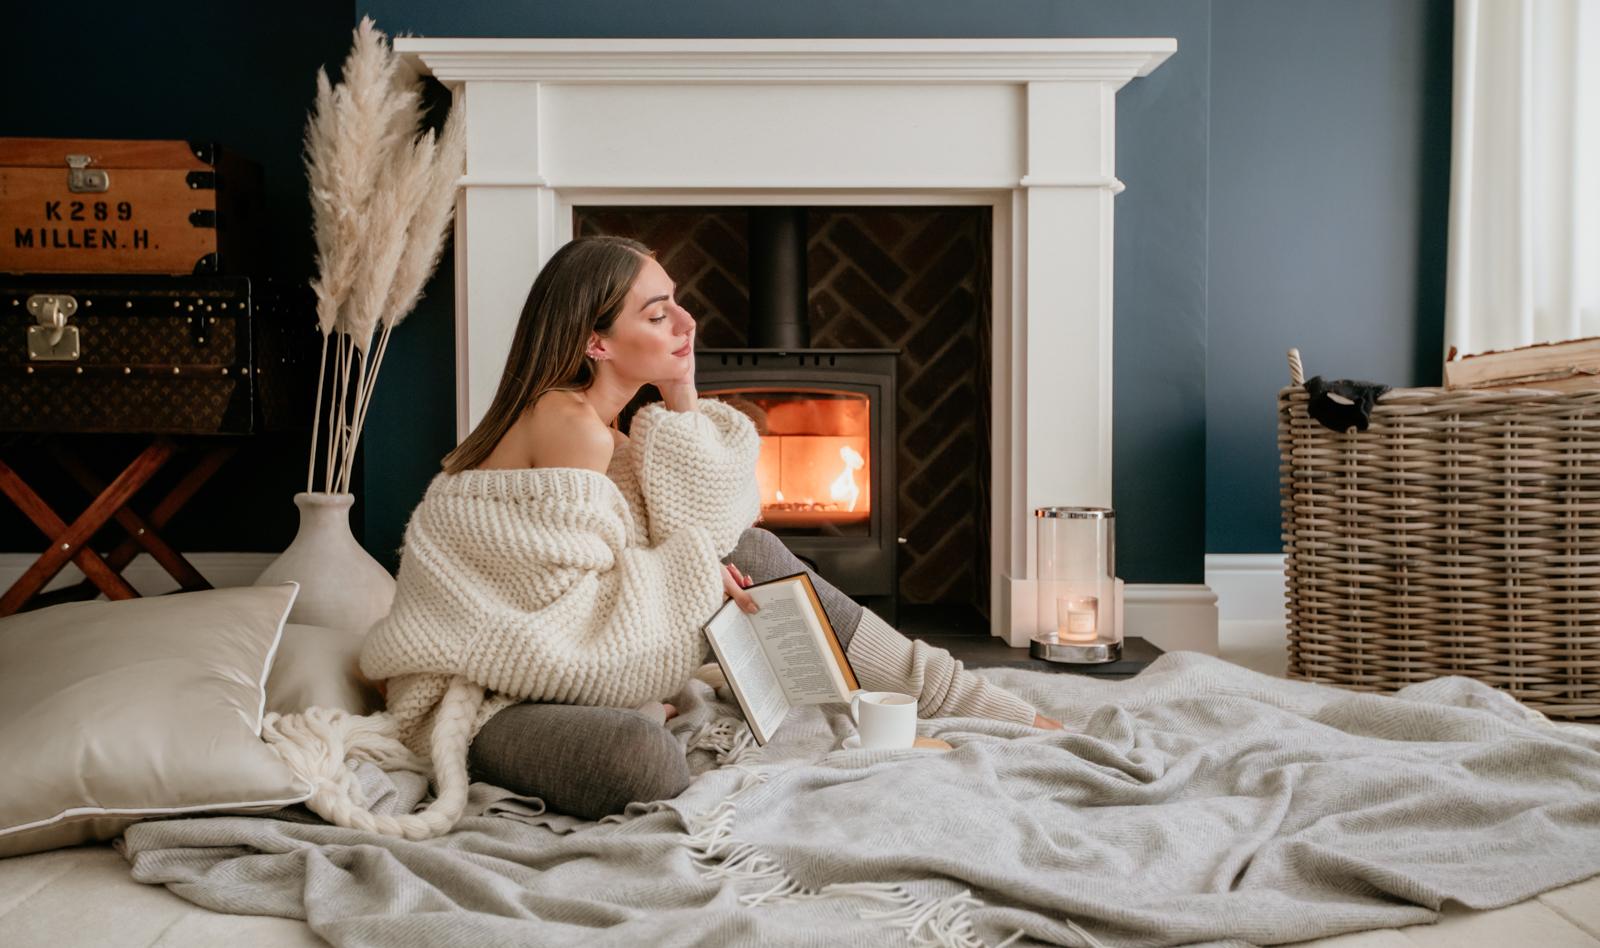 20191007-DSC00361-fireplace